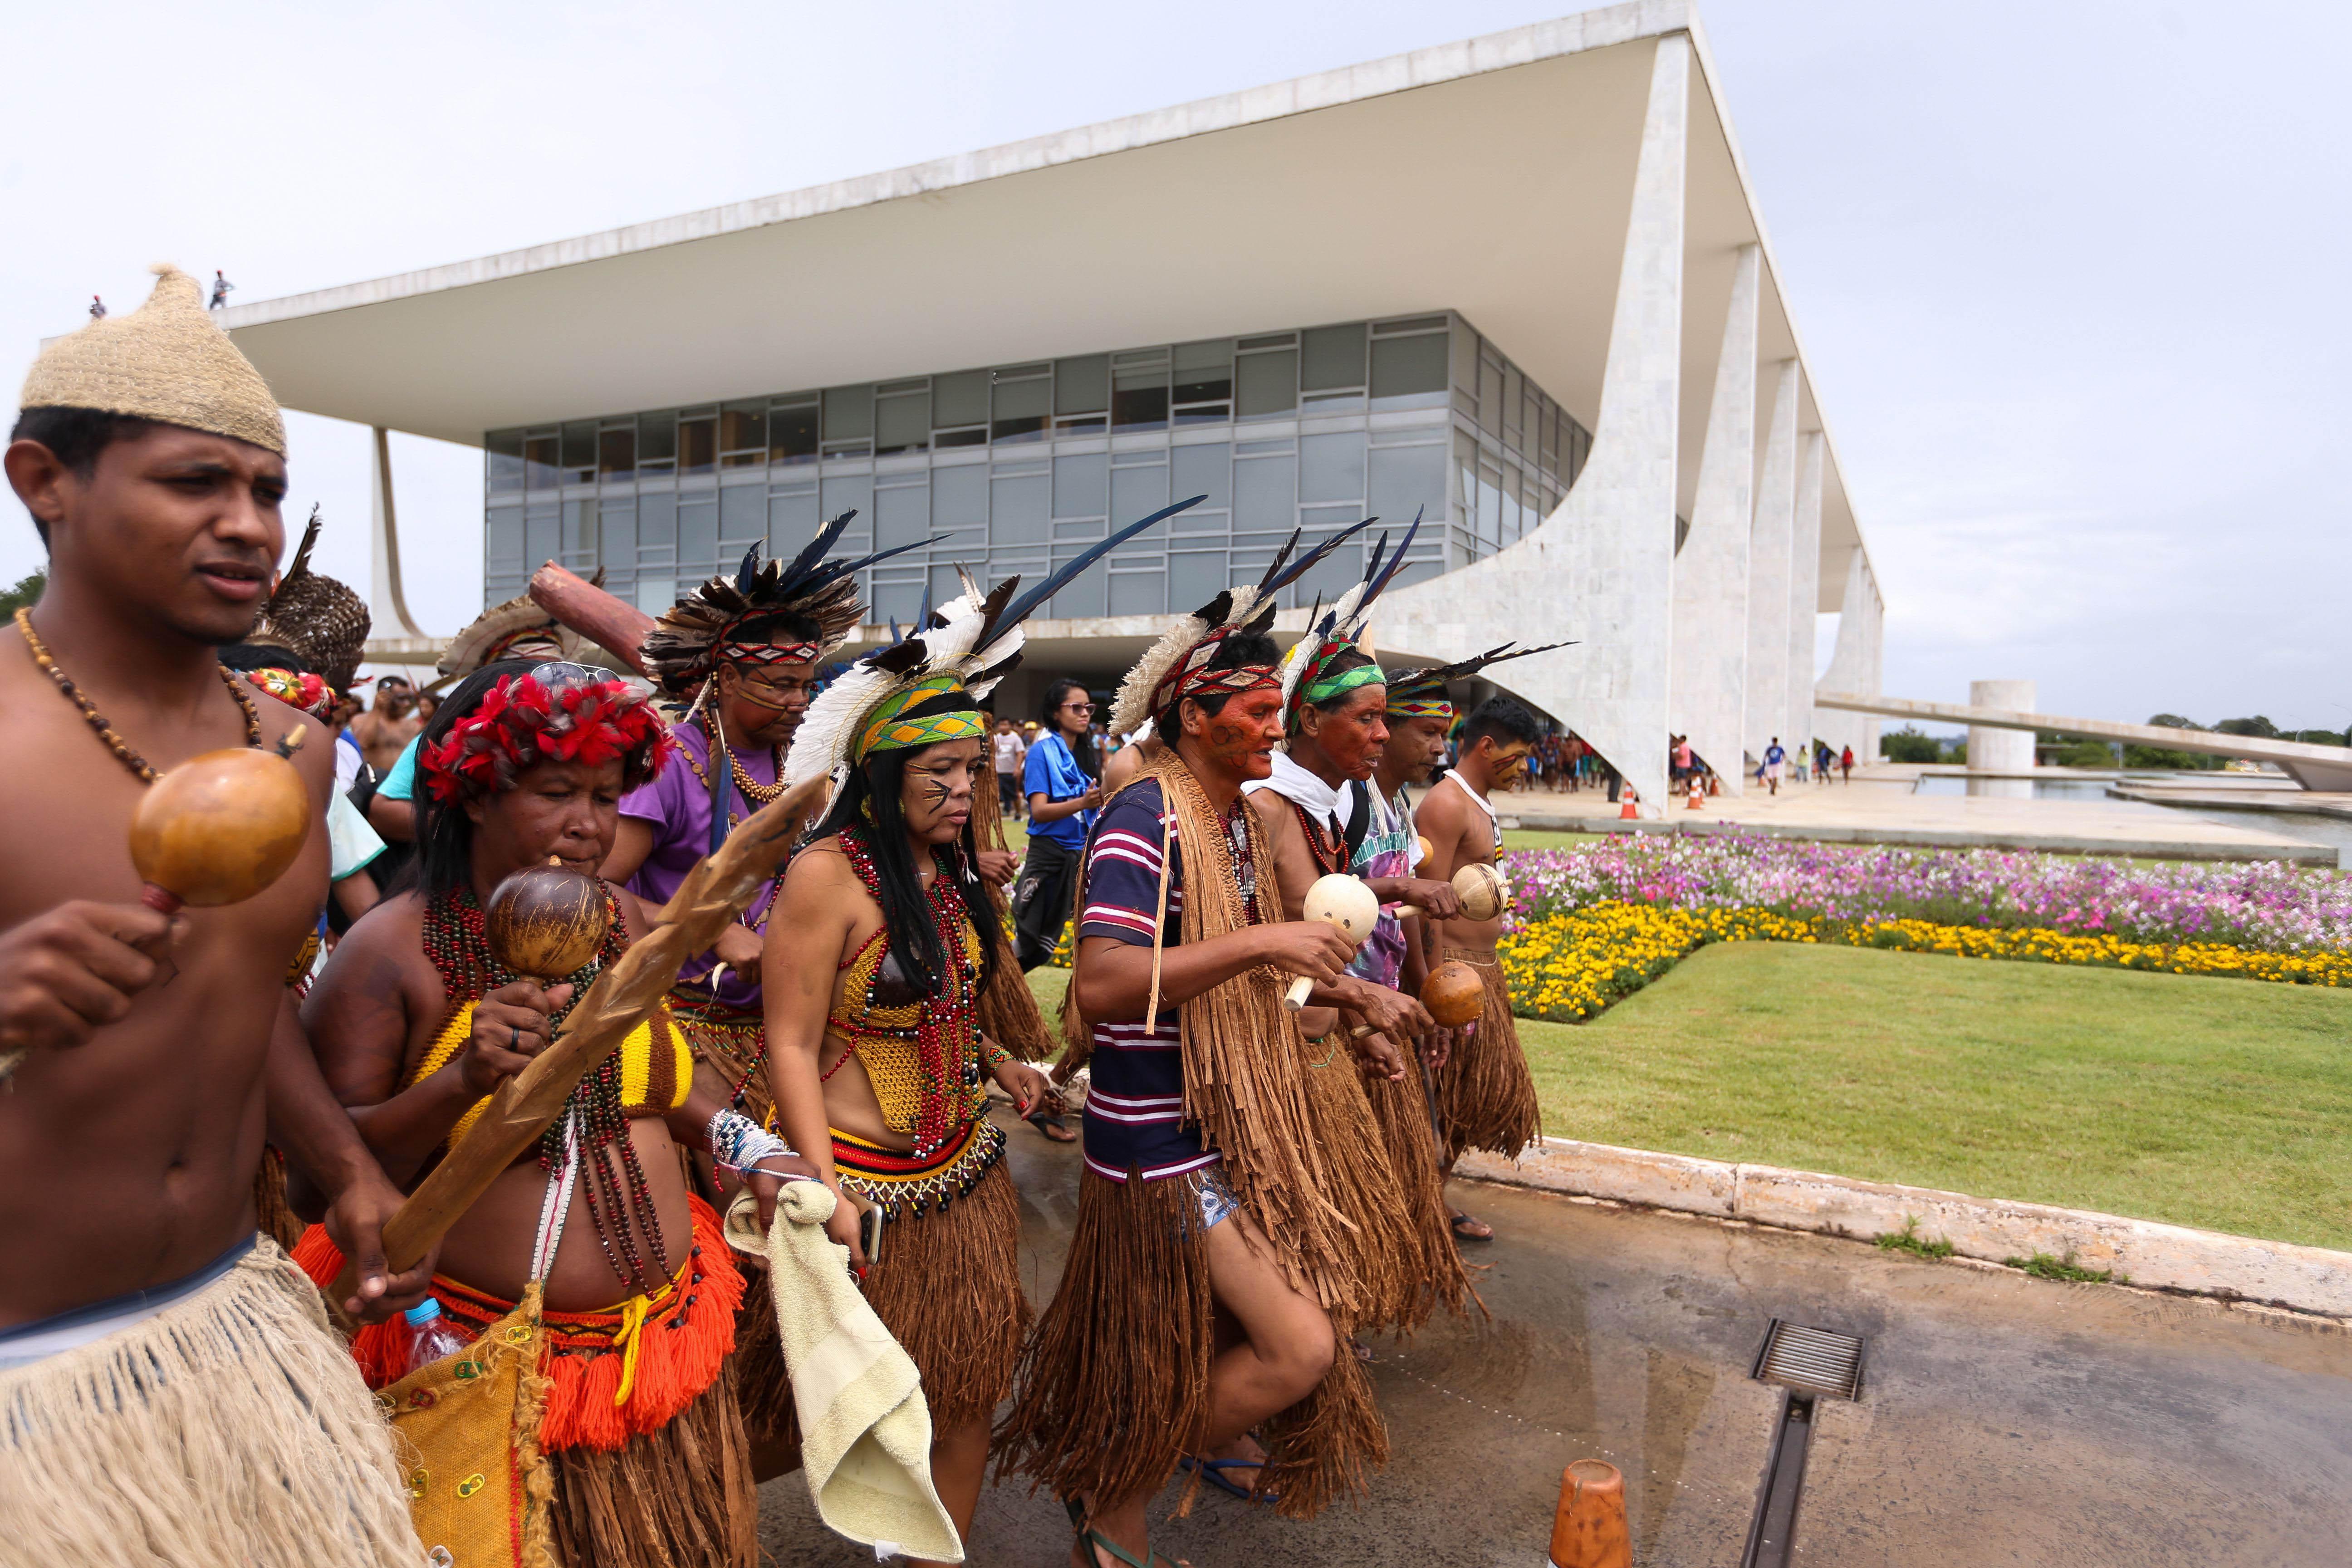 Manifestação em frente ao Palácio do Planalto (Marcelo Camargo/Agência Brasil)